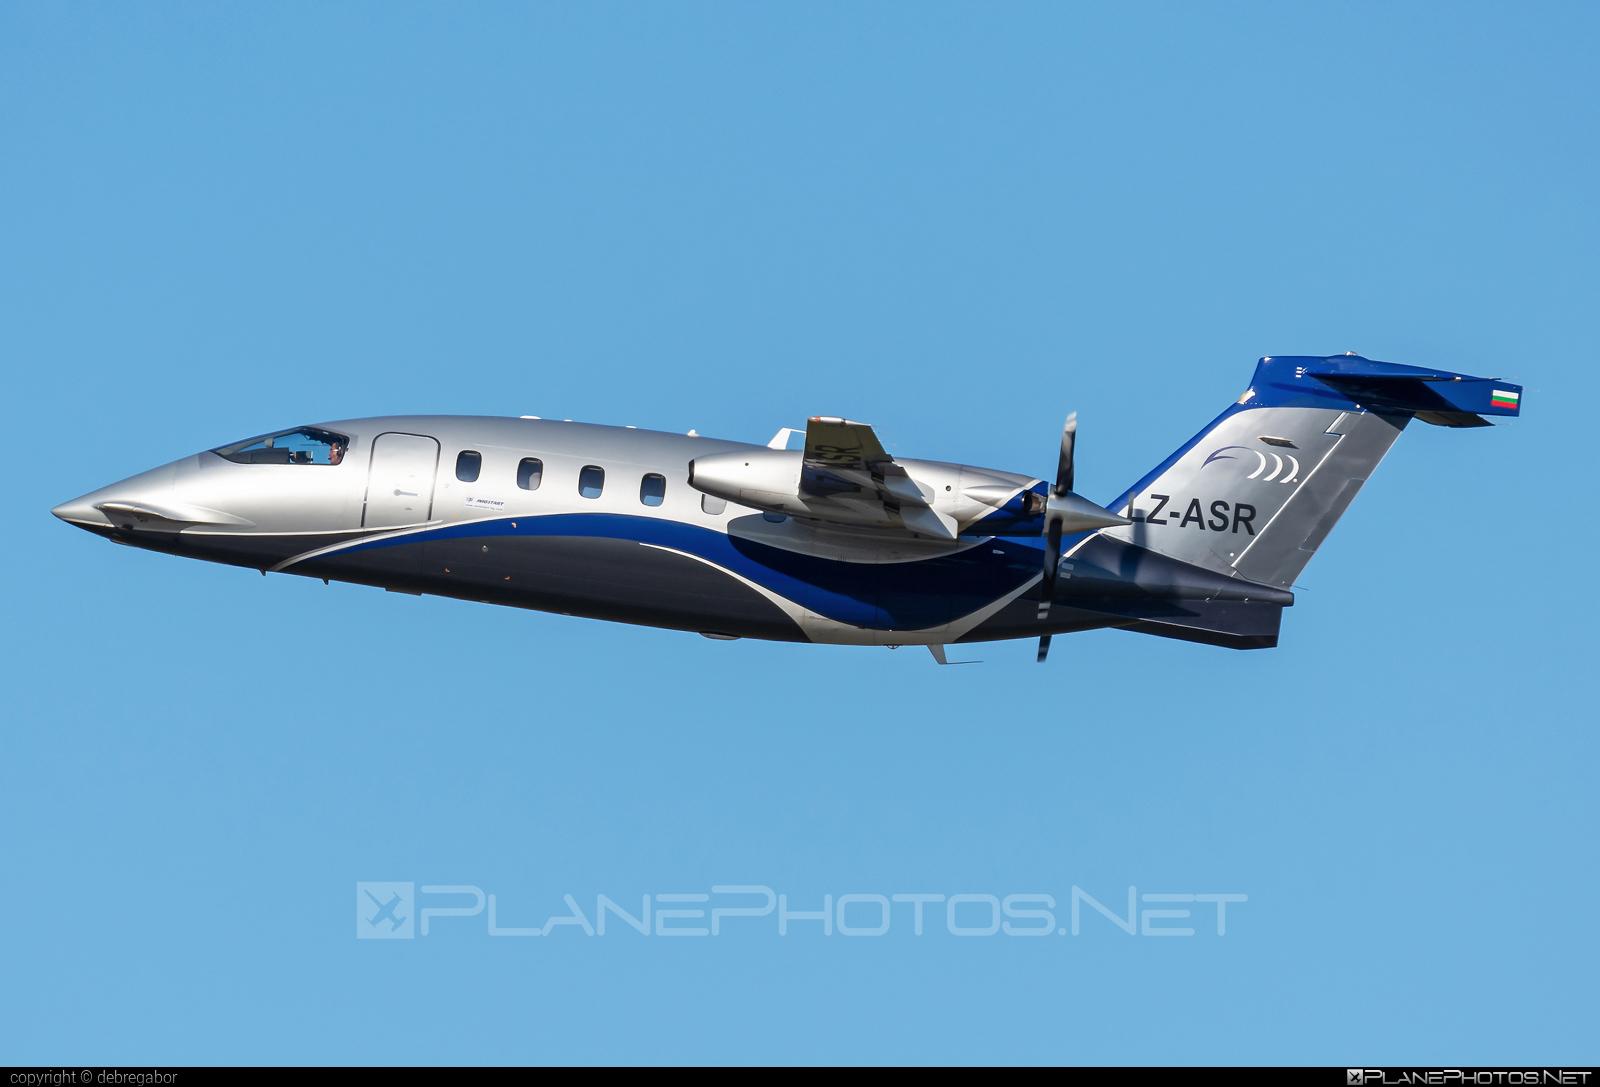 Piaggio P180 Avanti II - LZ-ASR operated by Private operator #p180 #p180avanti #p180avantiii #piaggio